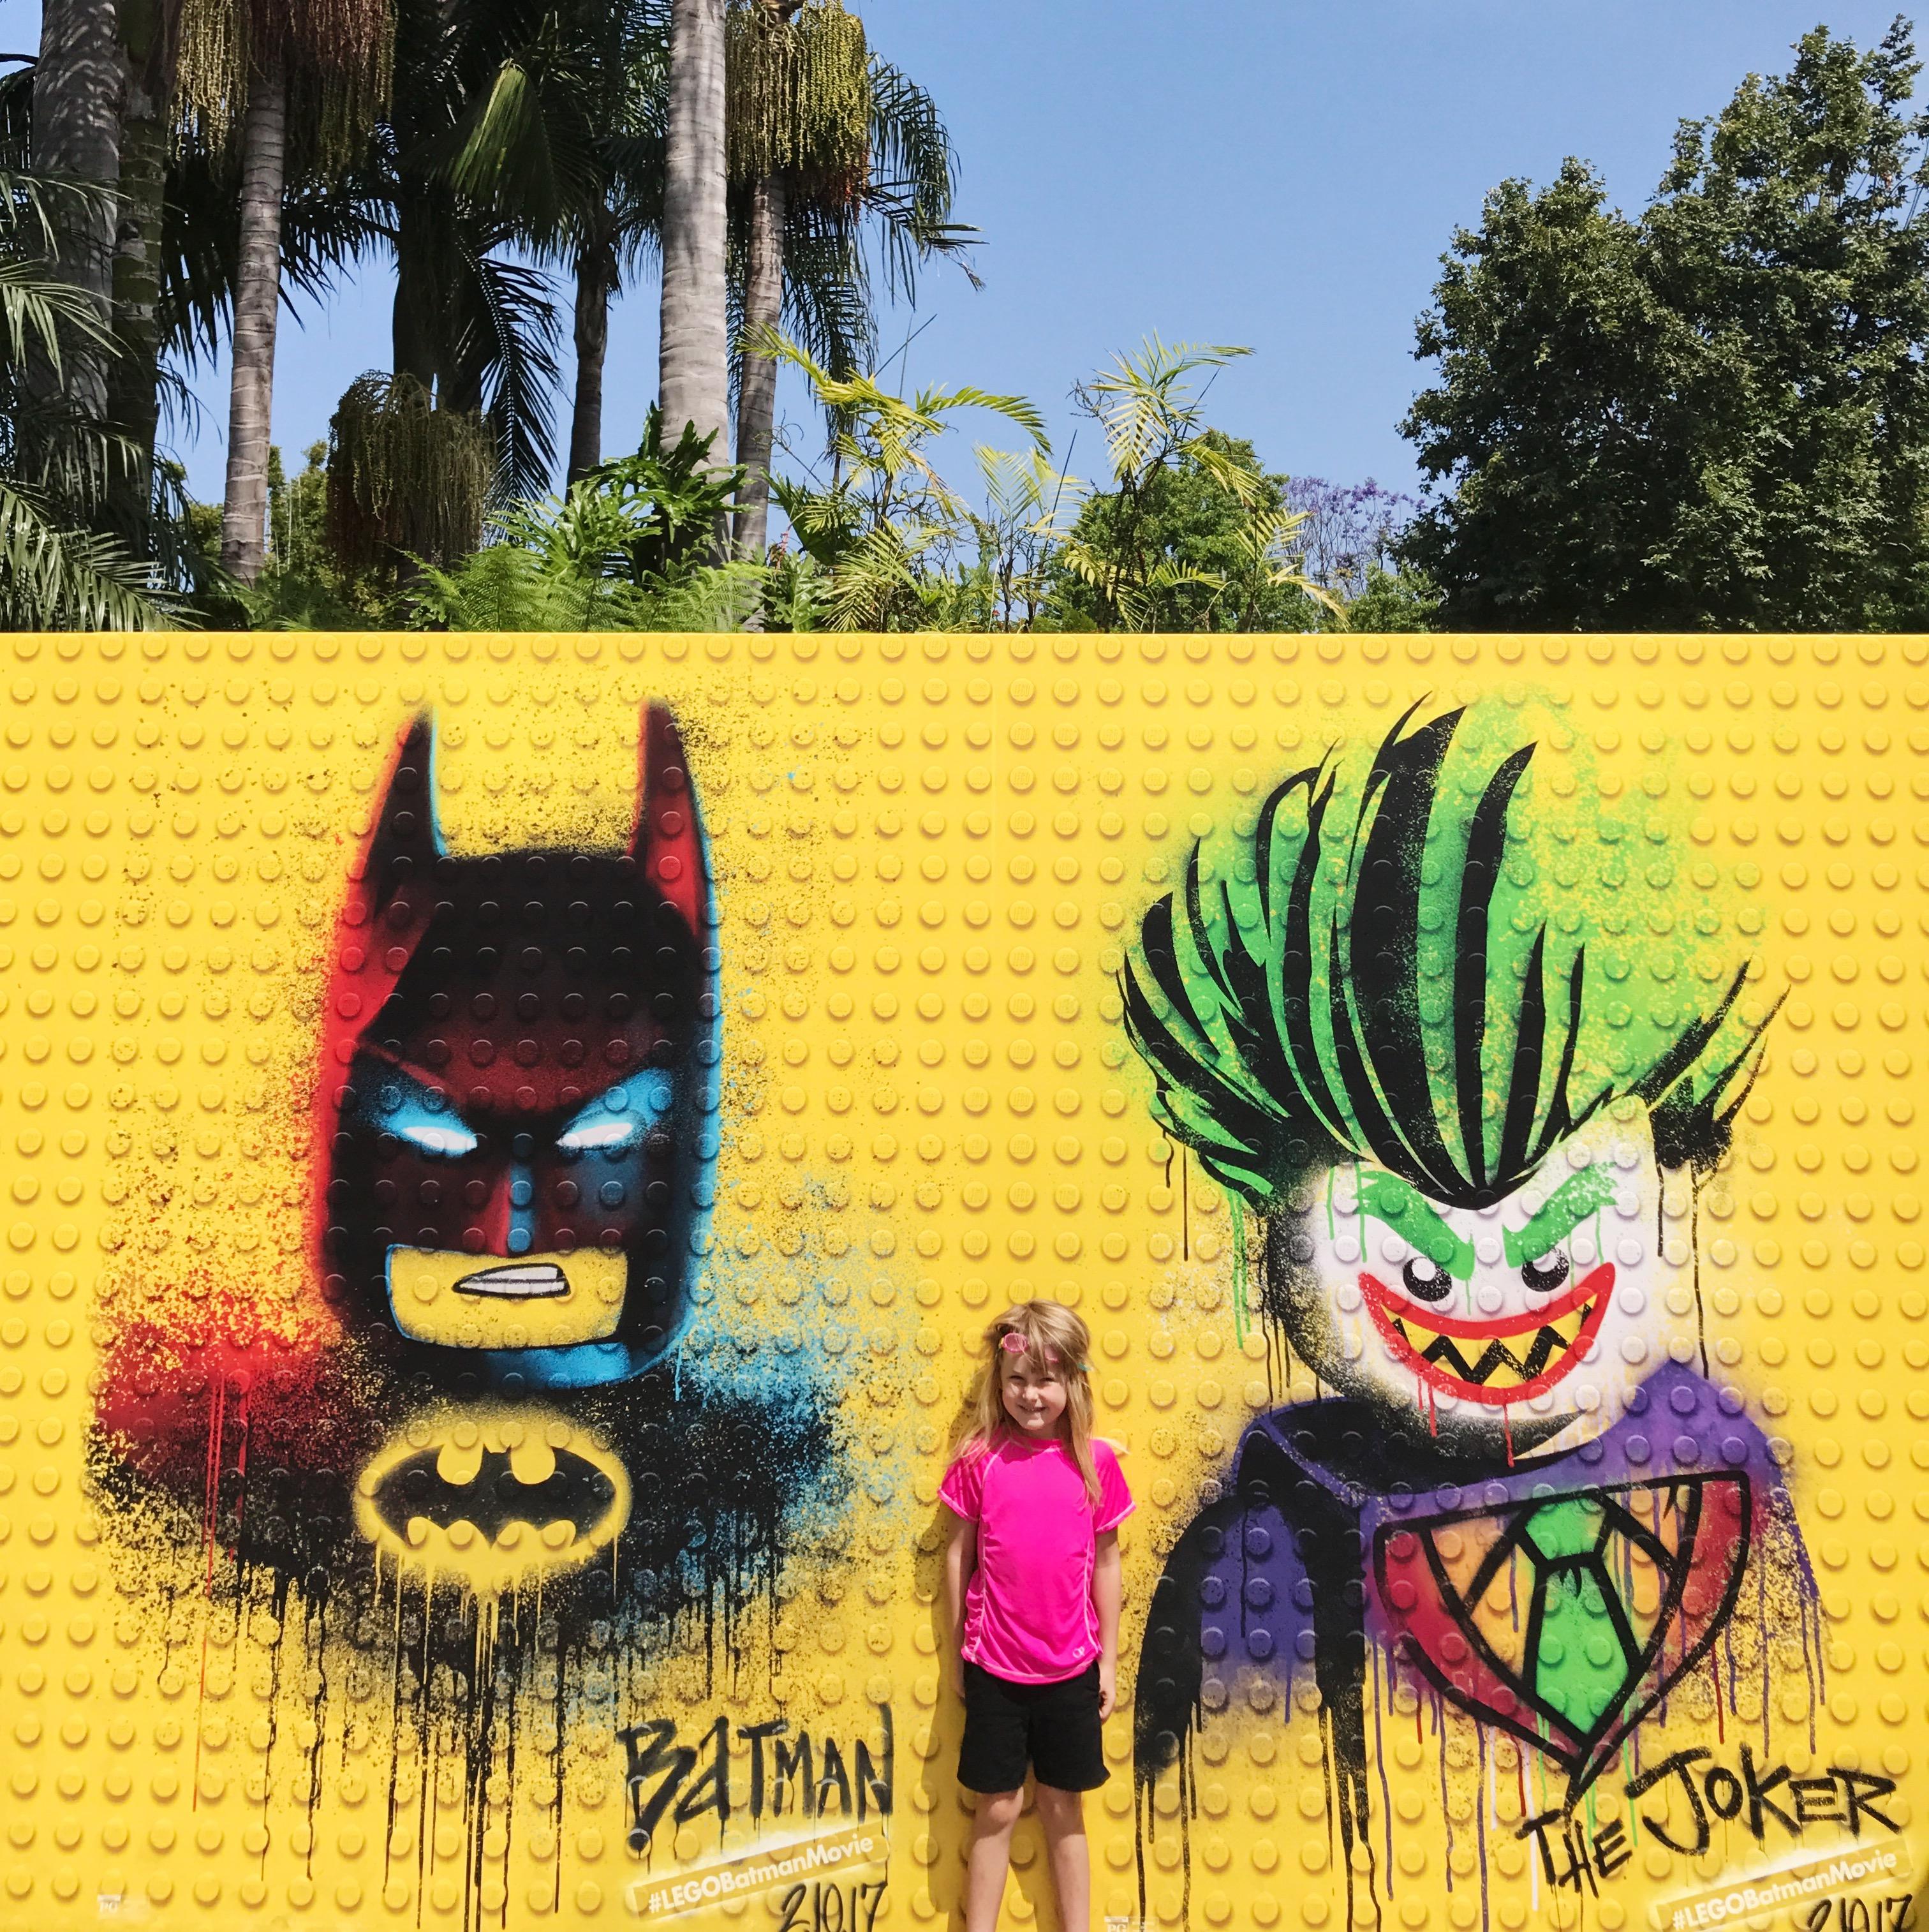 Legoland Batman and Robin